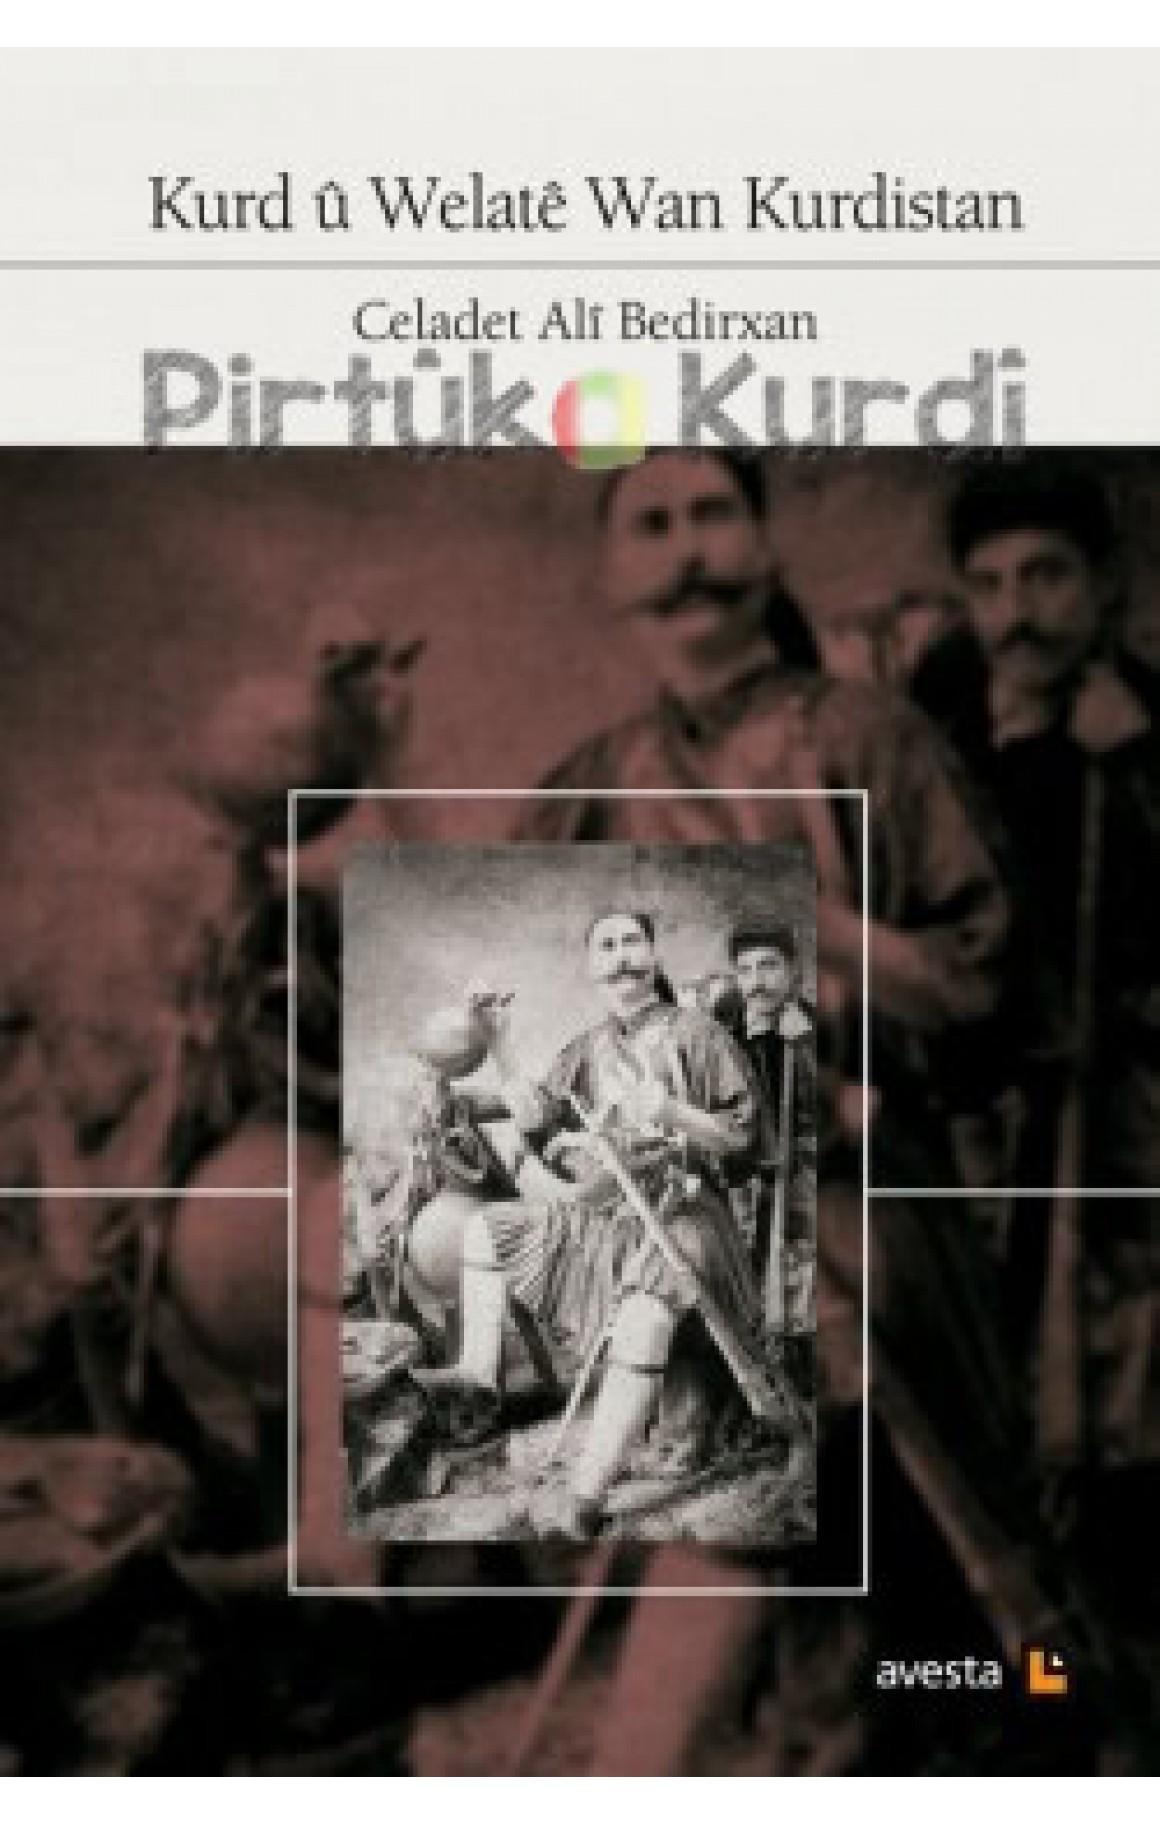 Kurd û Welatê Wan Kurdistan